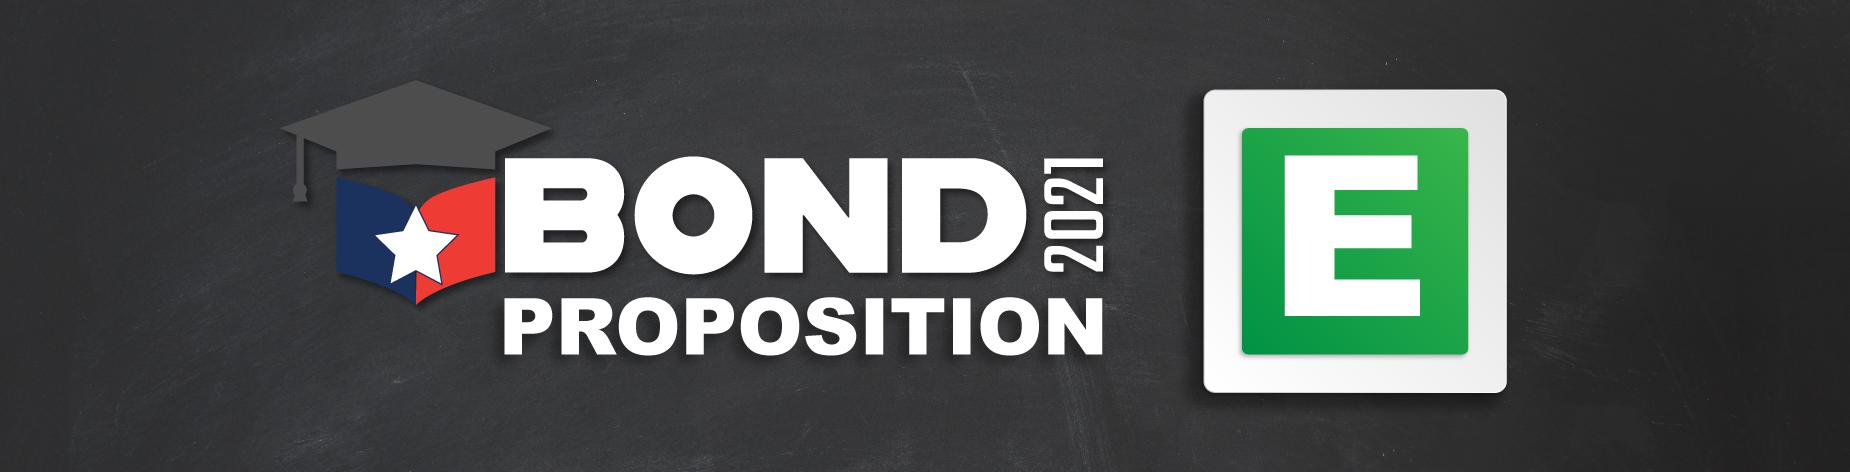 Bond Proposition E Banner